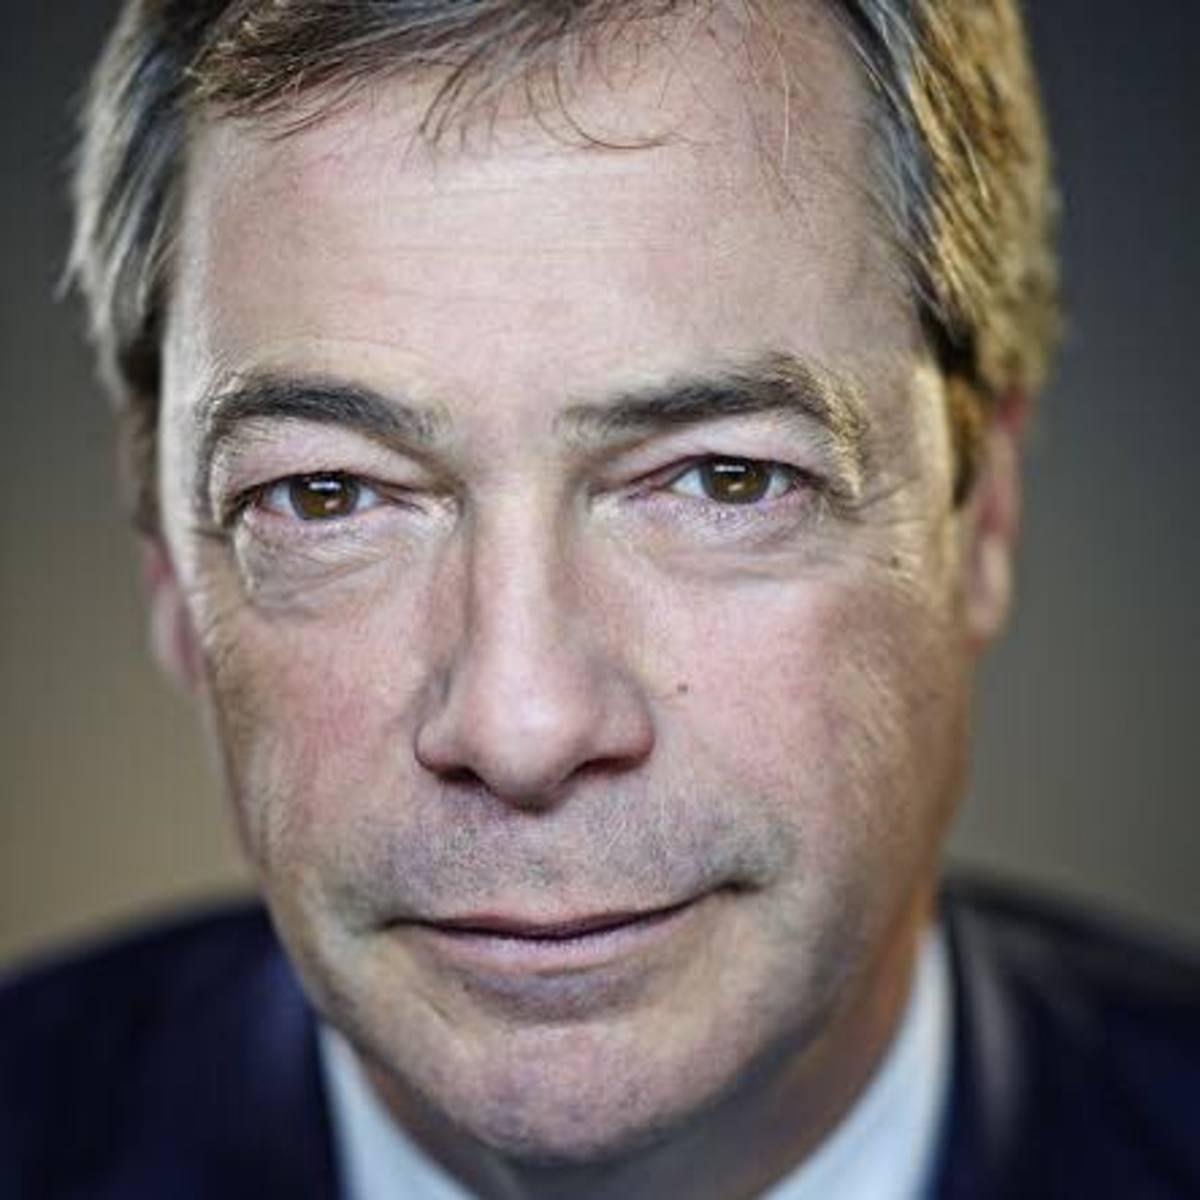 Former leader Nigel Farage